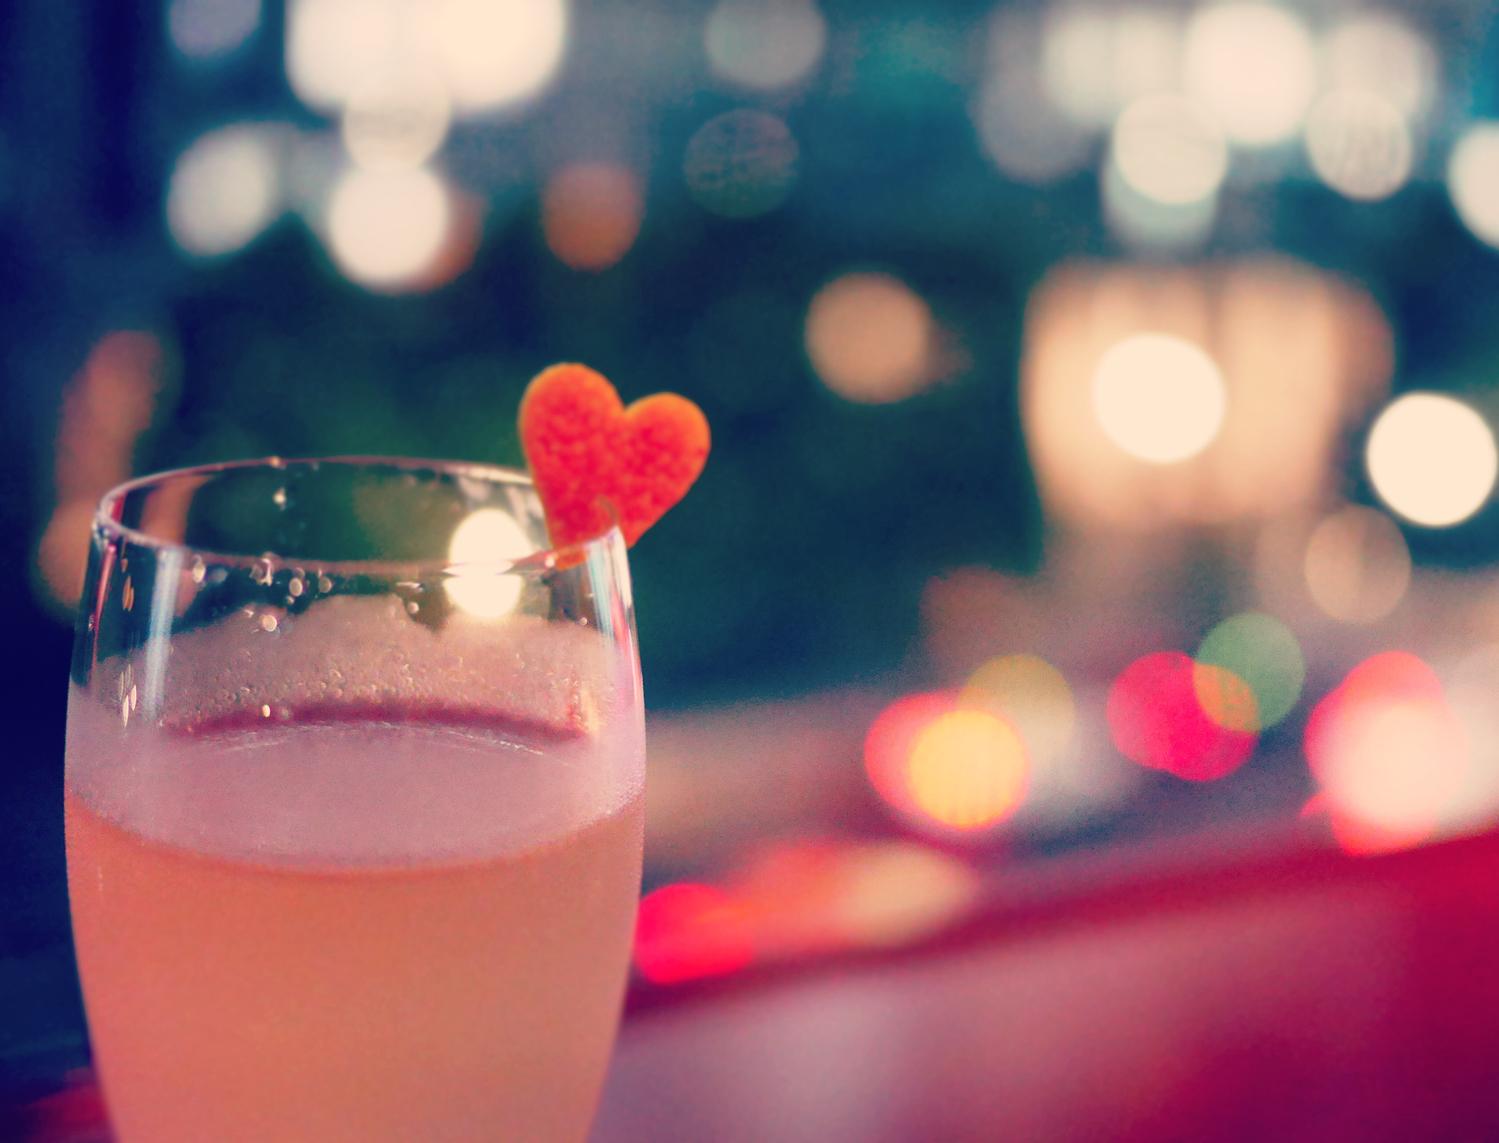 宅飲み、市販のお酒を飲んじゃうの?